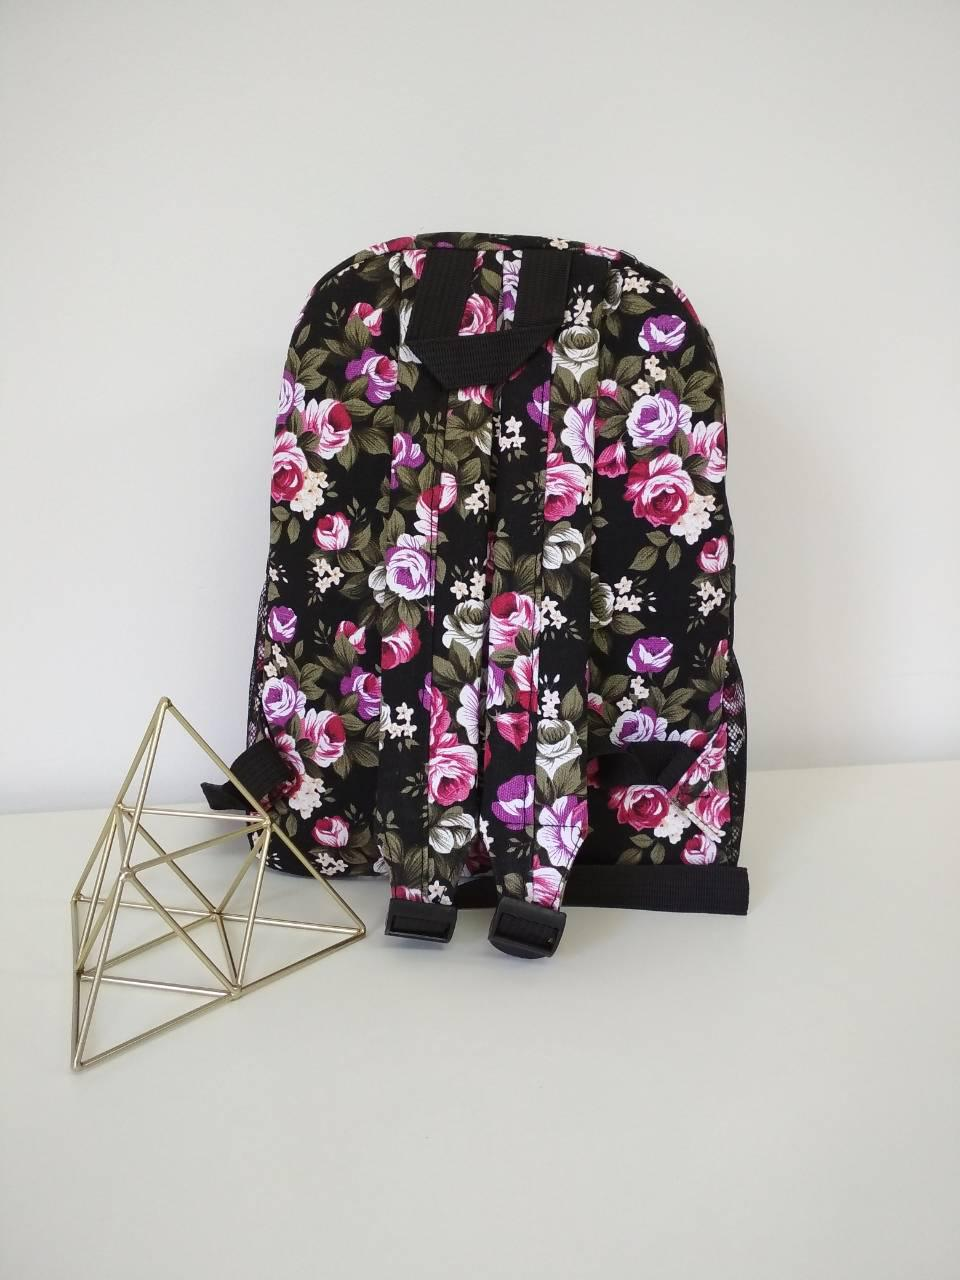 5b57d7fb18b8 ... Рюкзак женский молодежный текстильный с цветочным принтом, фото 5. 195  грн.